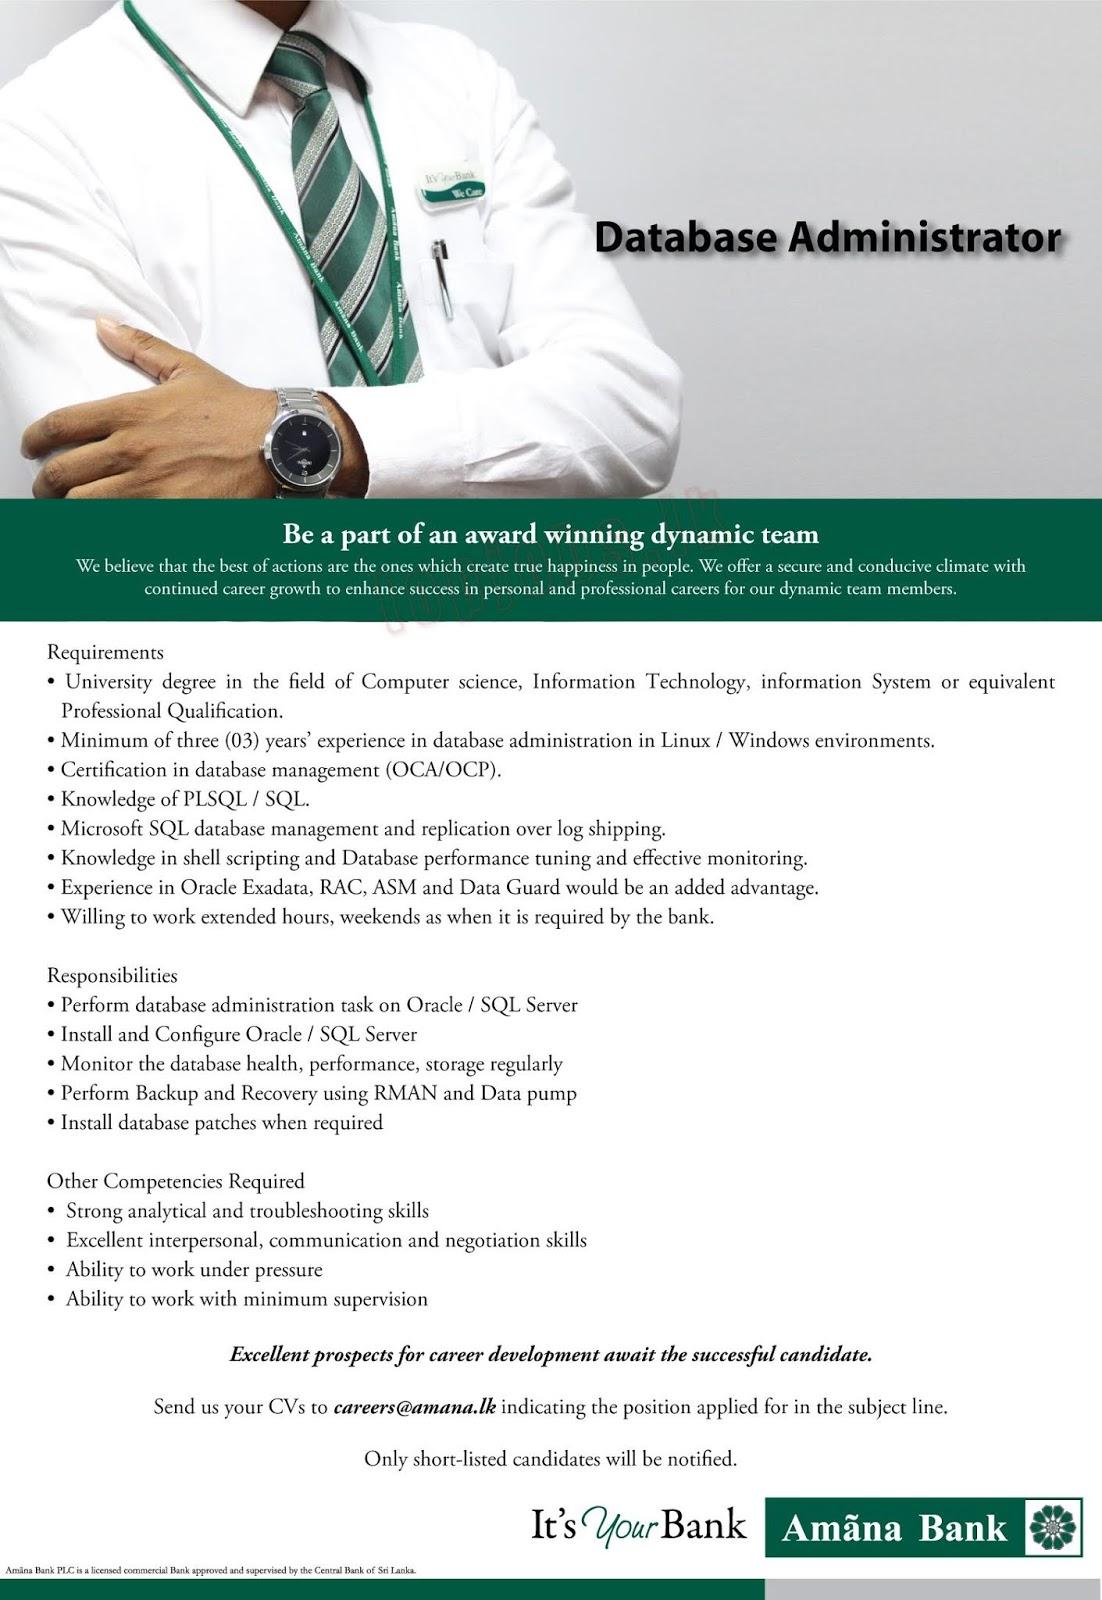 vacancies in amana bank plc